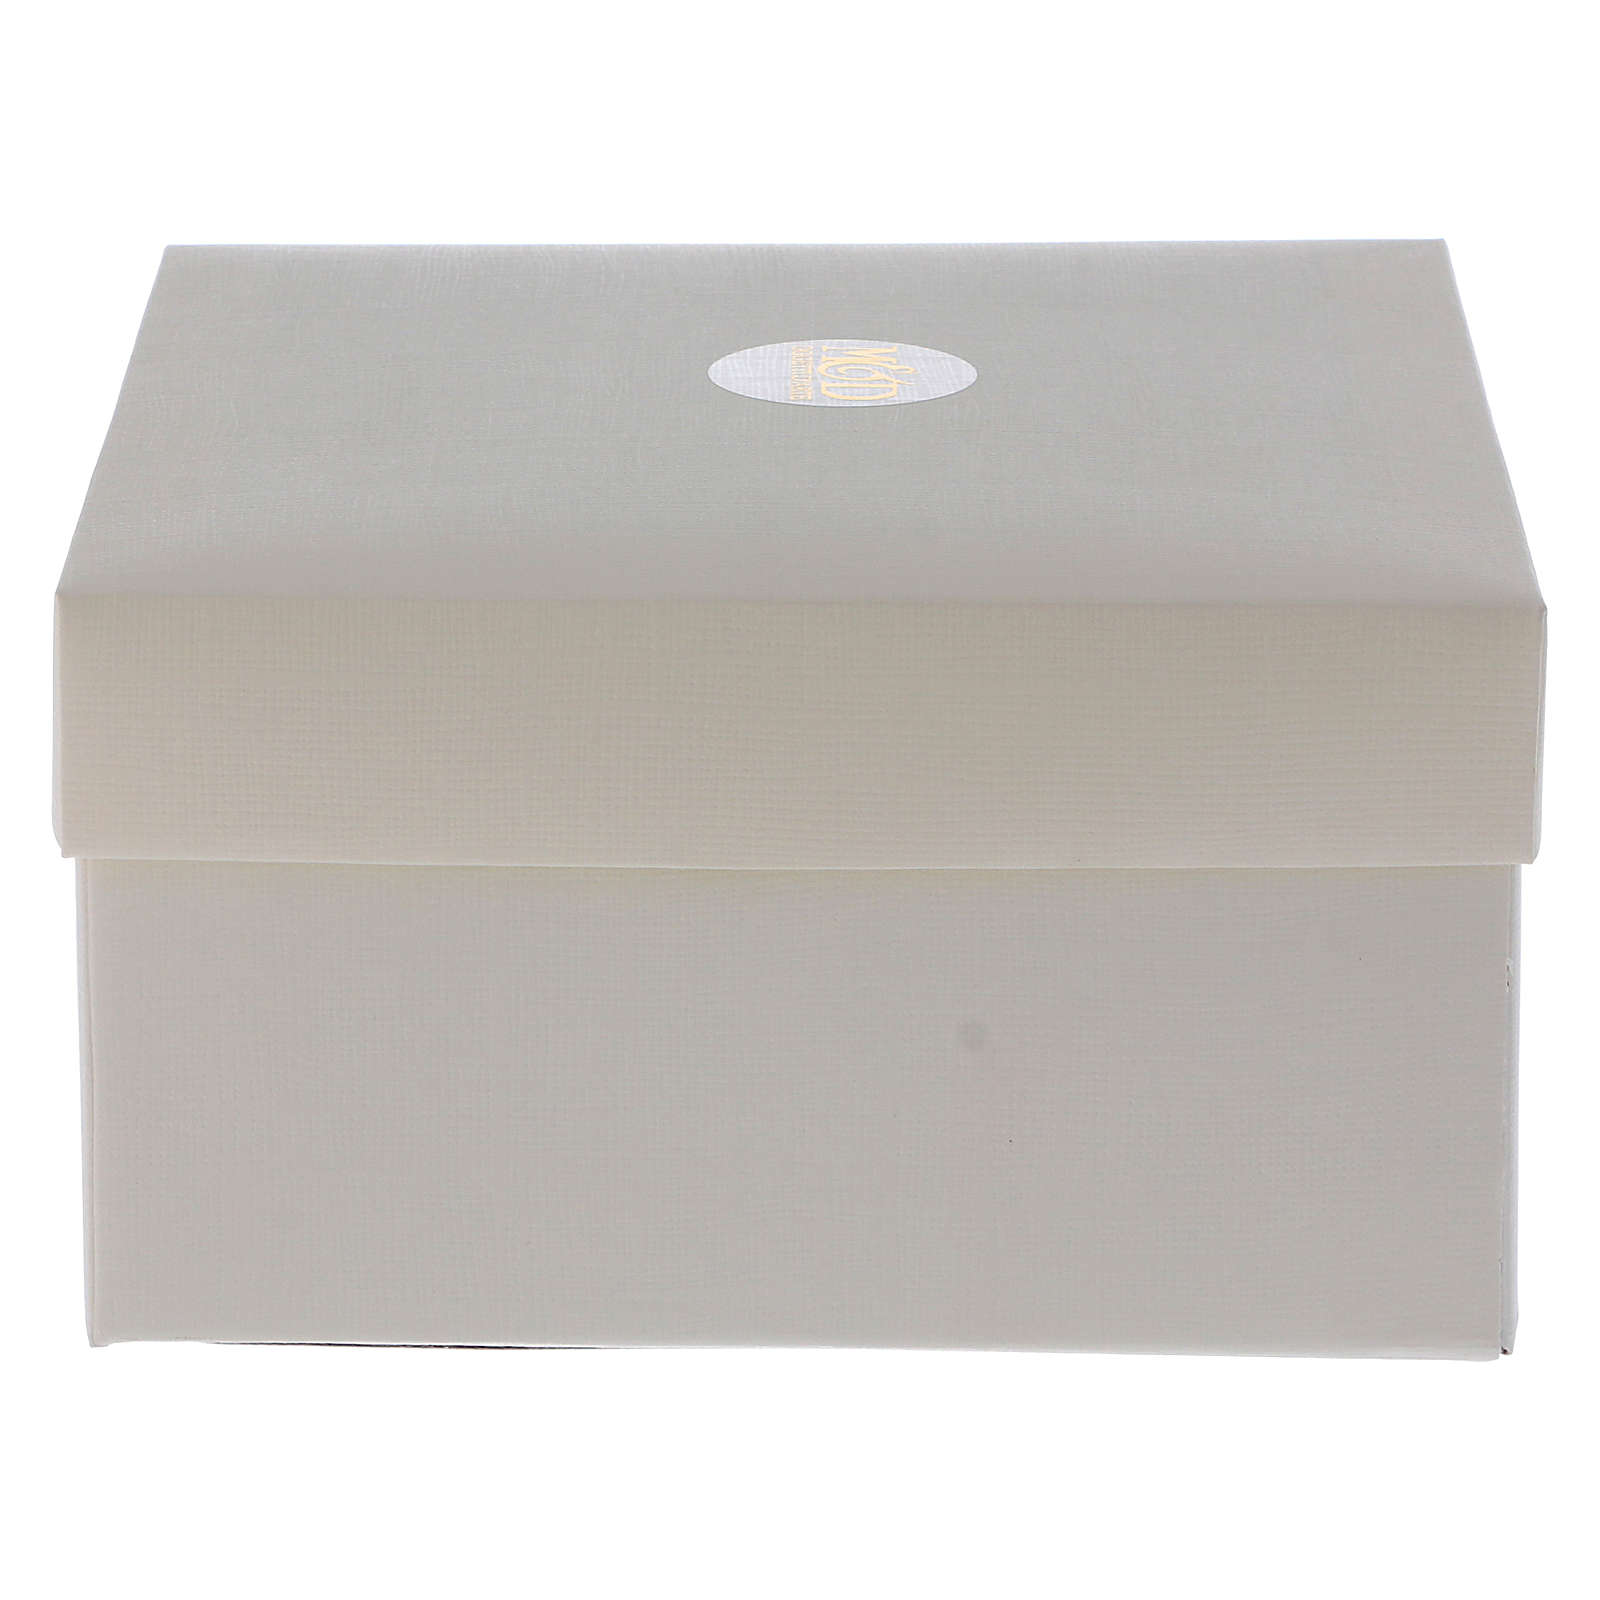 Bonbonnière cube presse-papiers avec Christ 5x5x5 cm 3